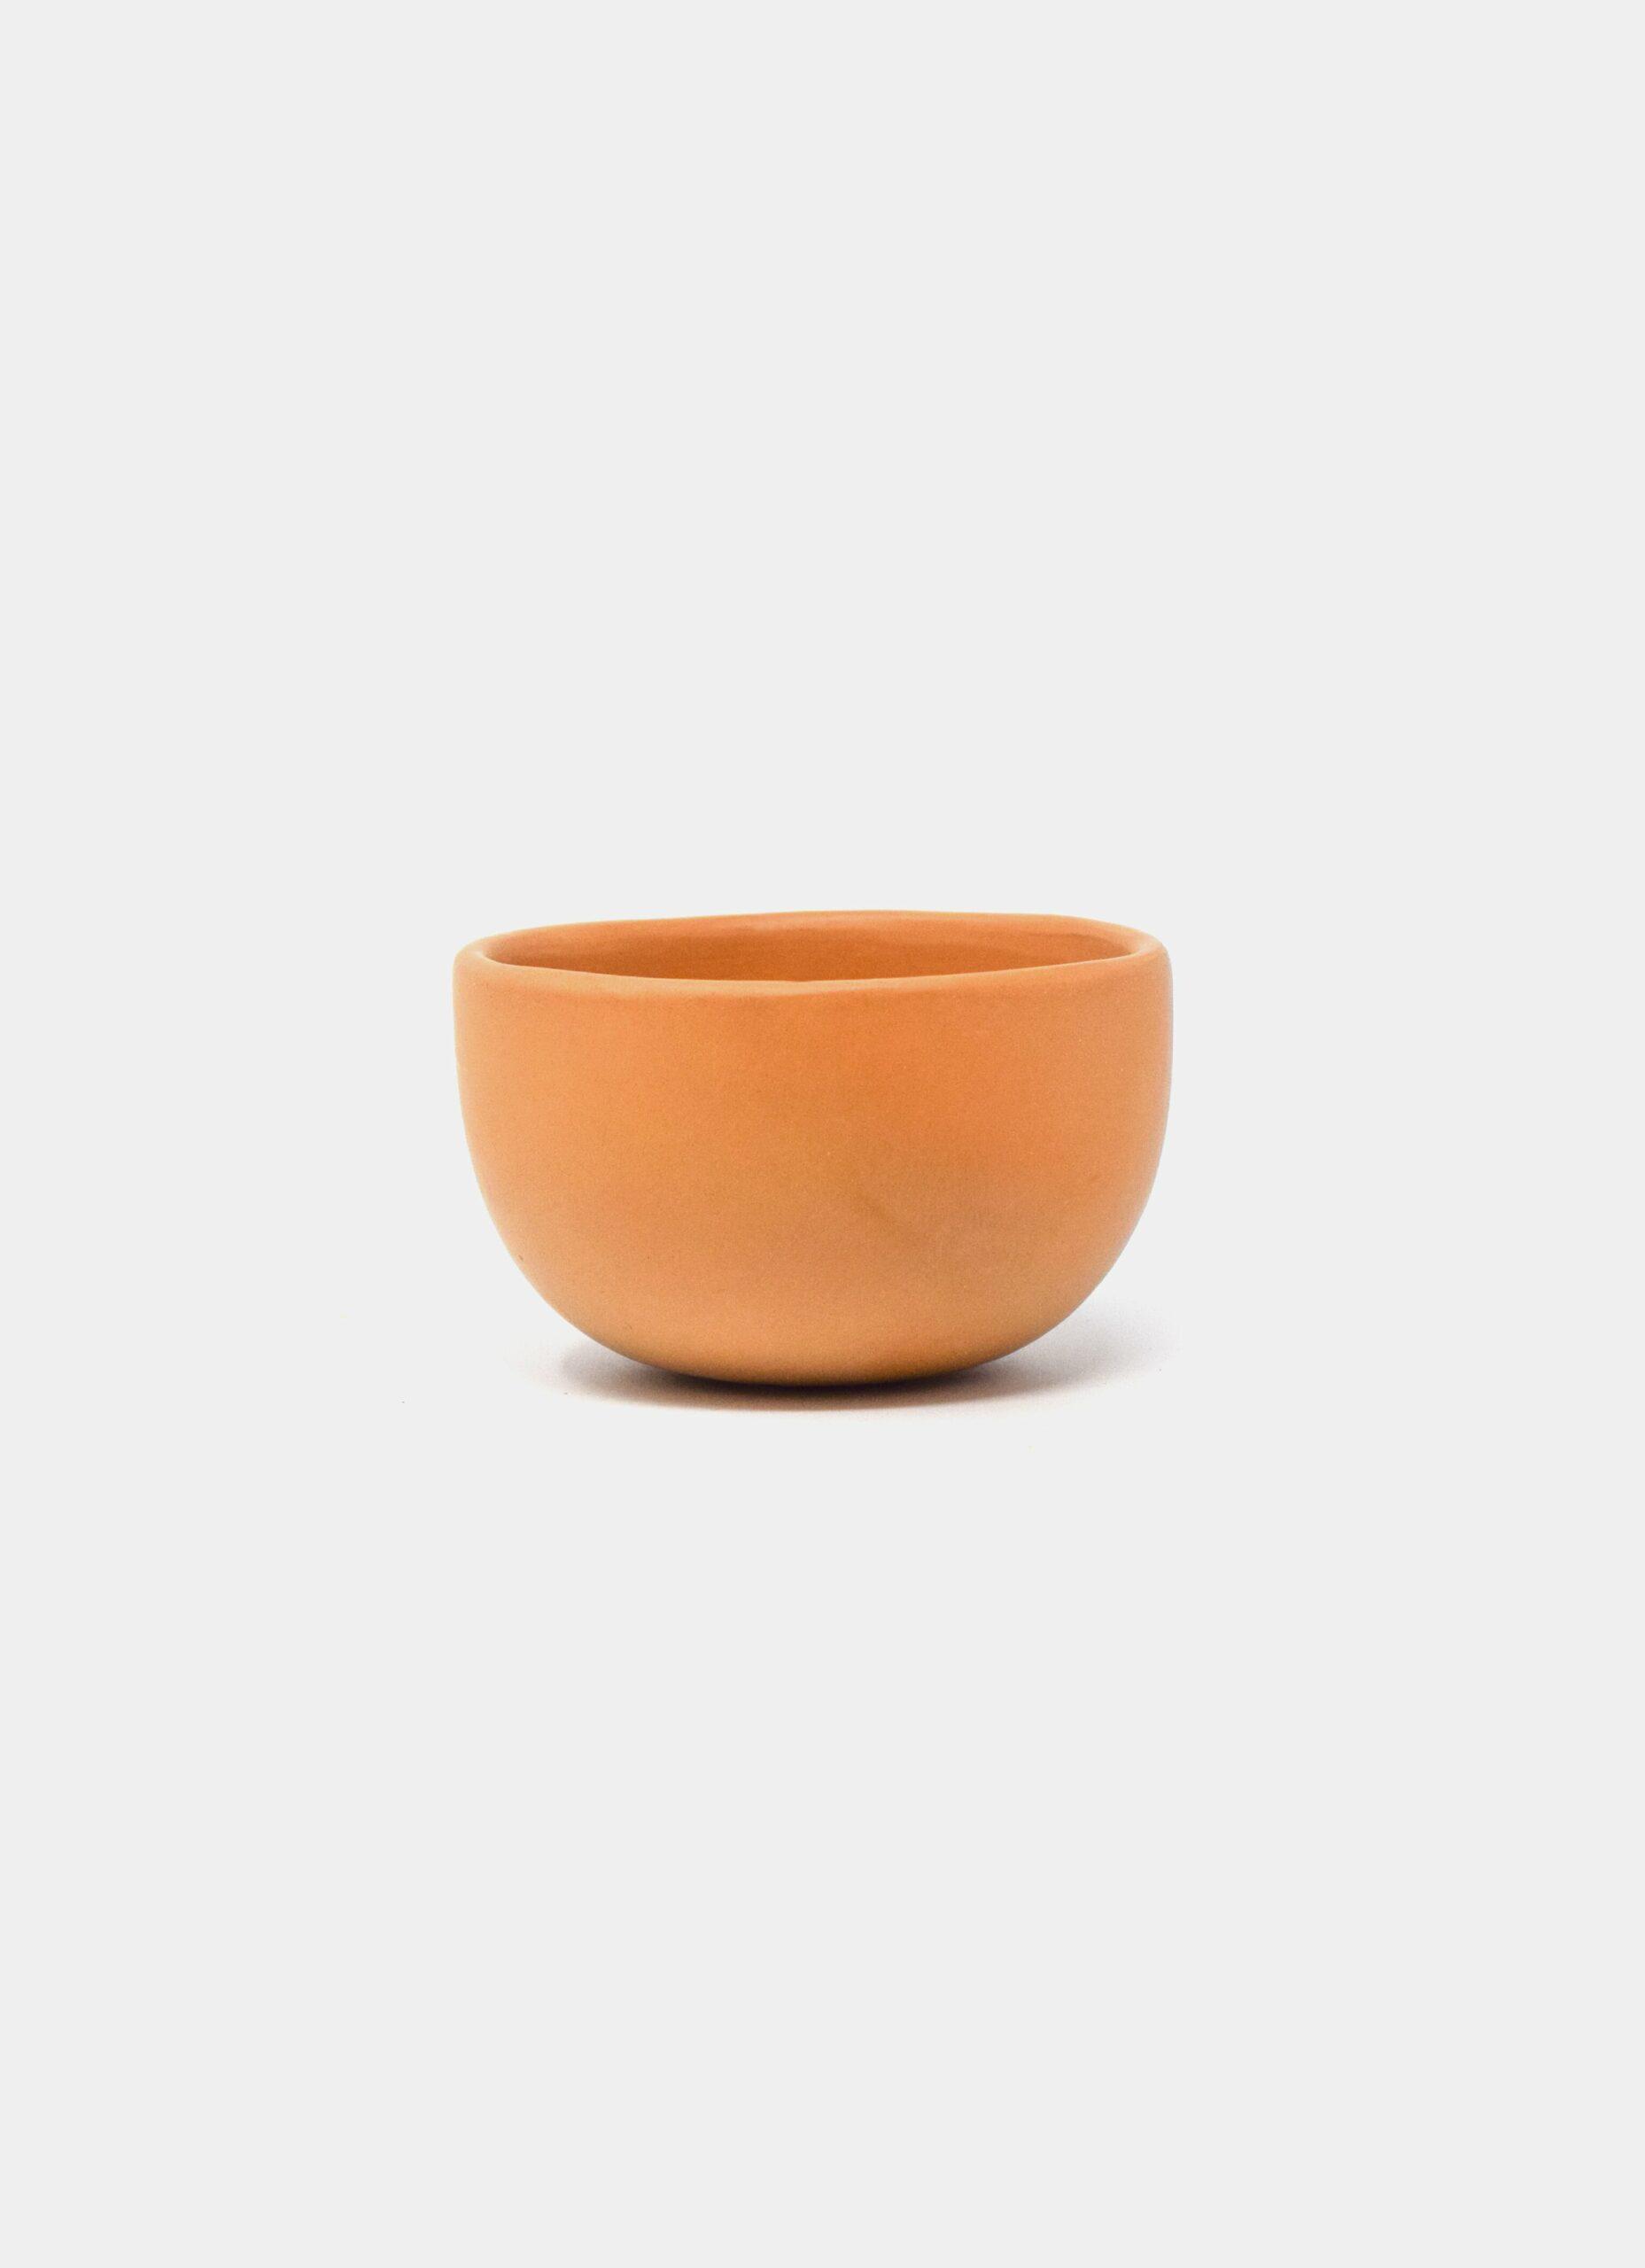 La Muerte Tiene Permiso - Short Mornings - Espresso Cup - Oaxacan Clay